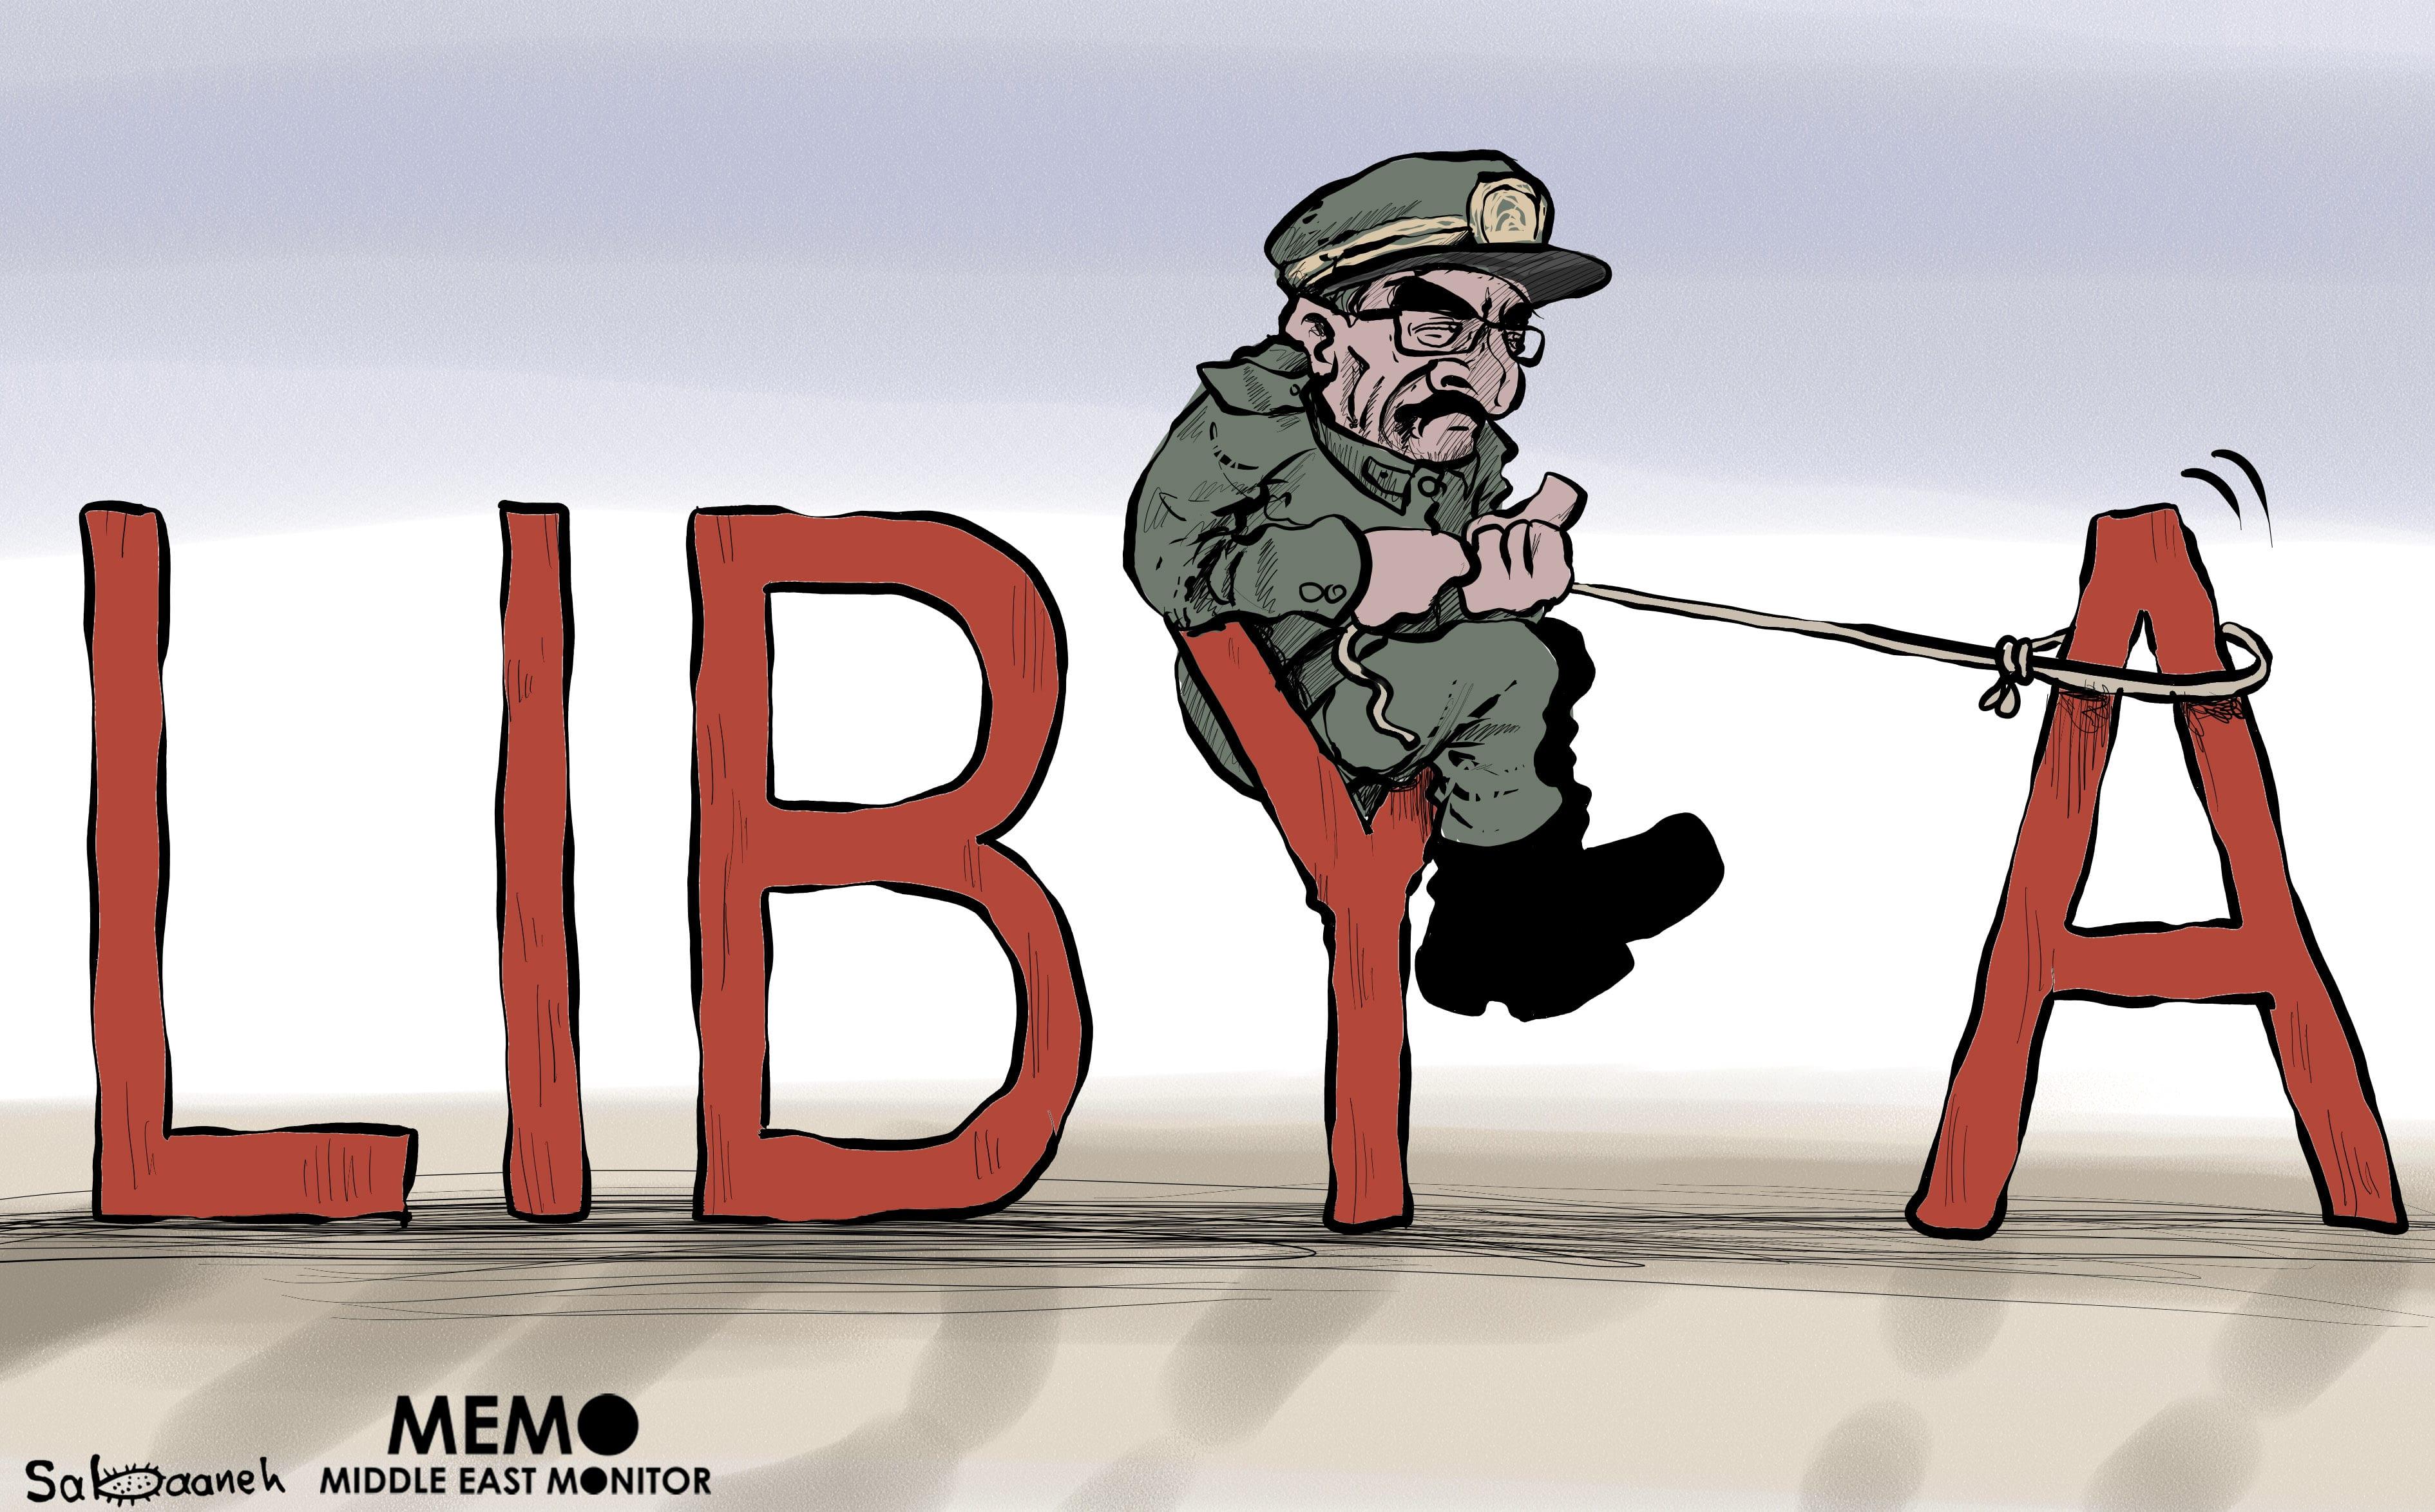 General Khalifa Haftar taking over Libya - Cartoon [Sabaaneh/MiddleEastMonitor]